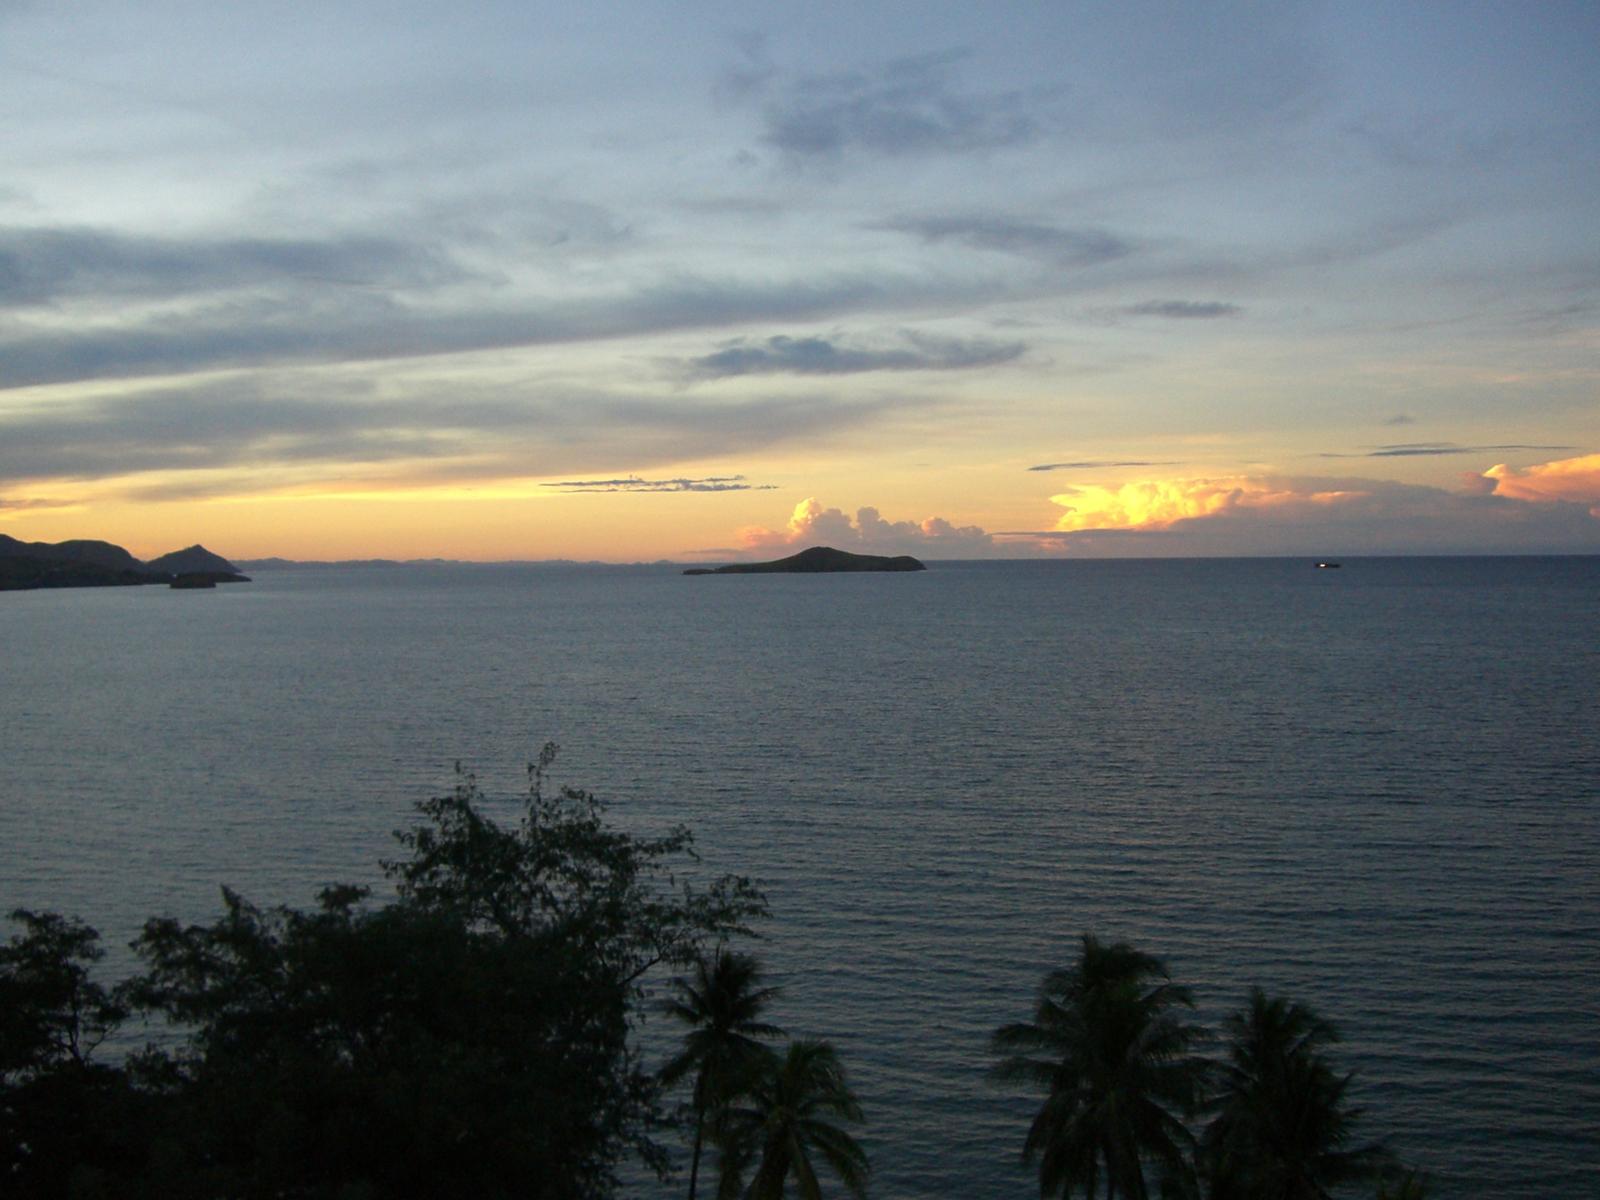 リペ島への行き方やベストシーズンは?シュノーケリング・ダイビングを楽しもう